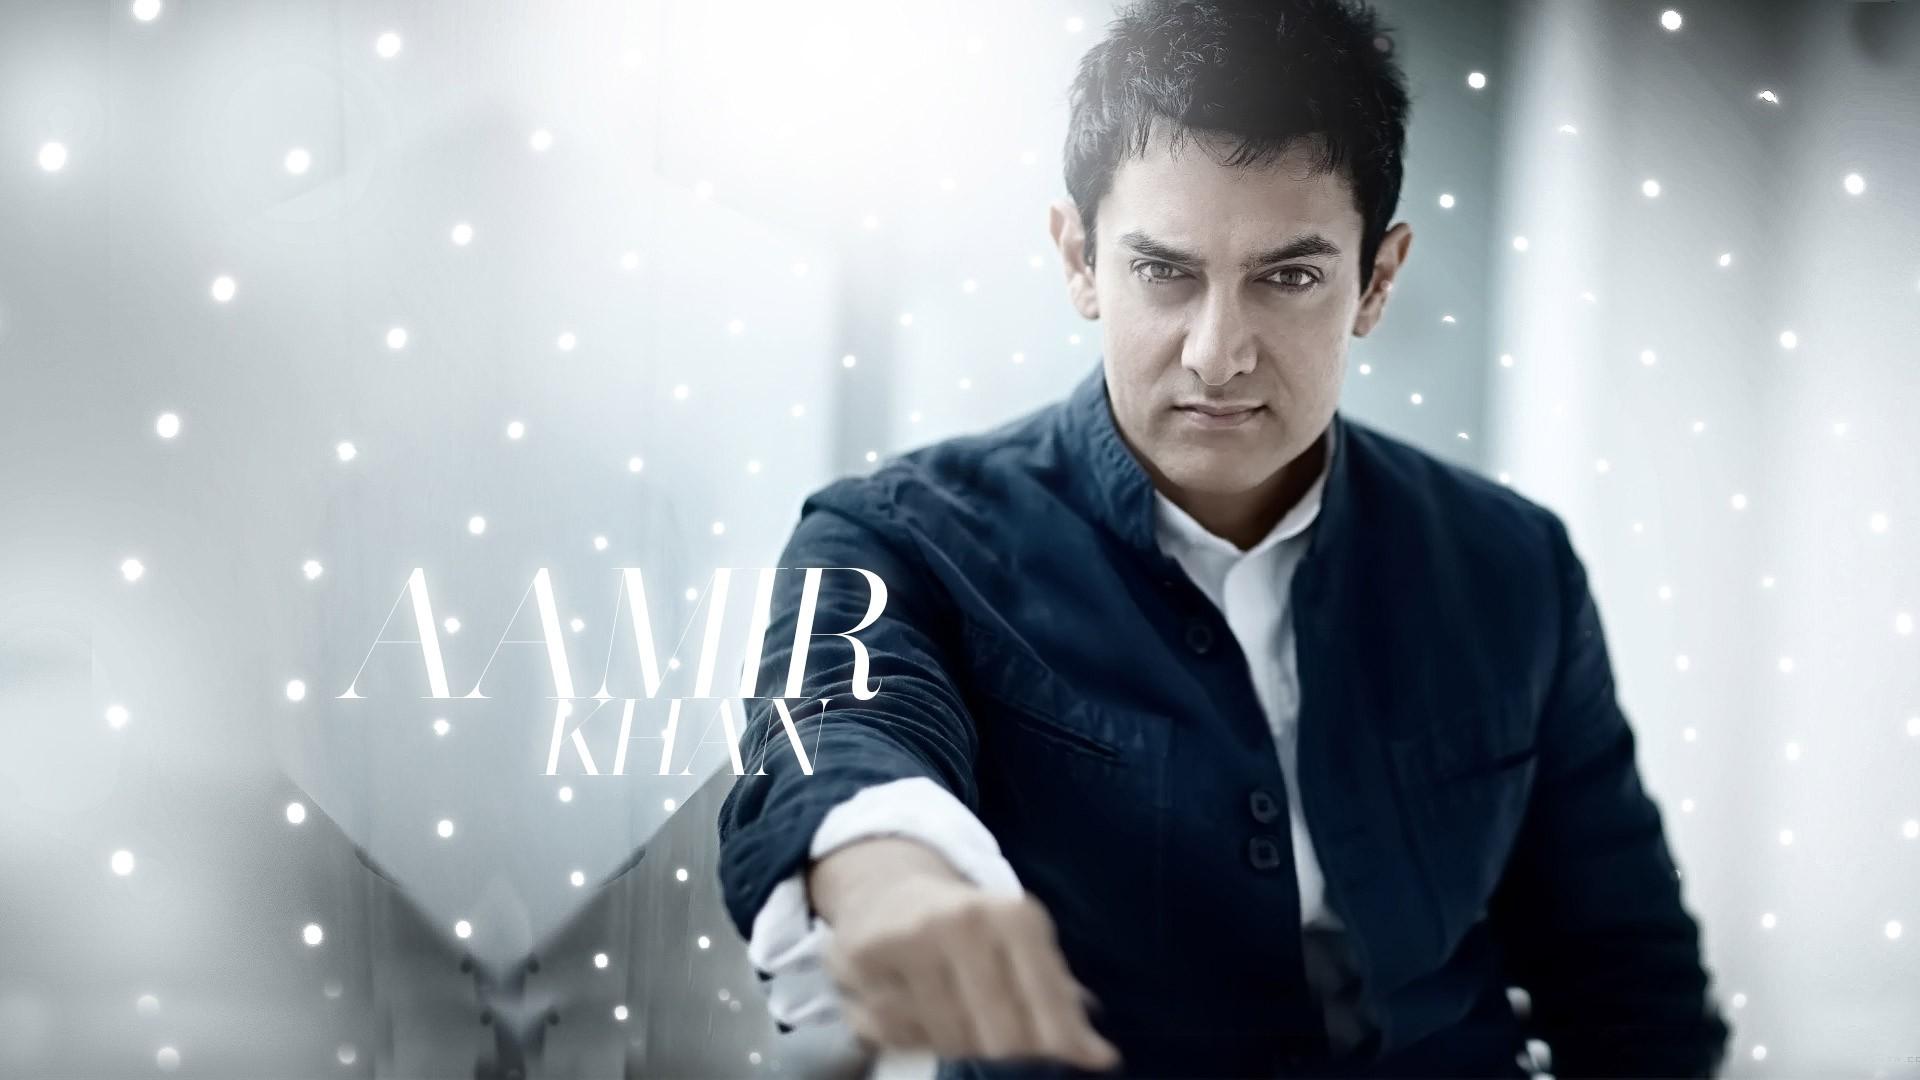 Aamir-Khan-2014-HD-Wallpaper